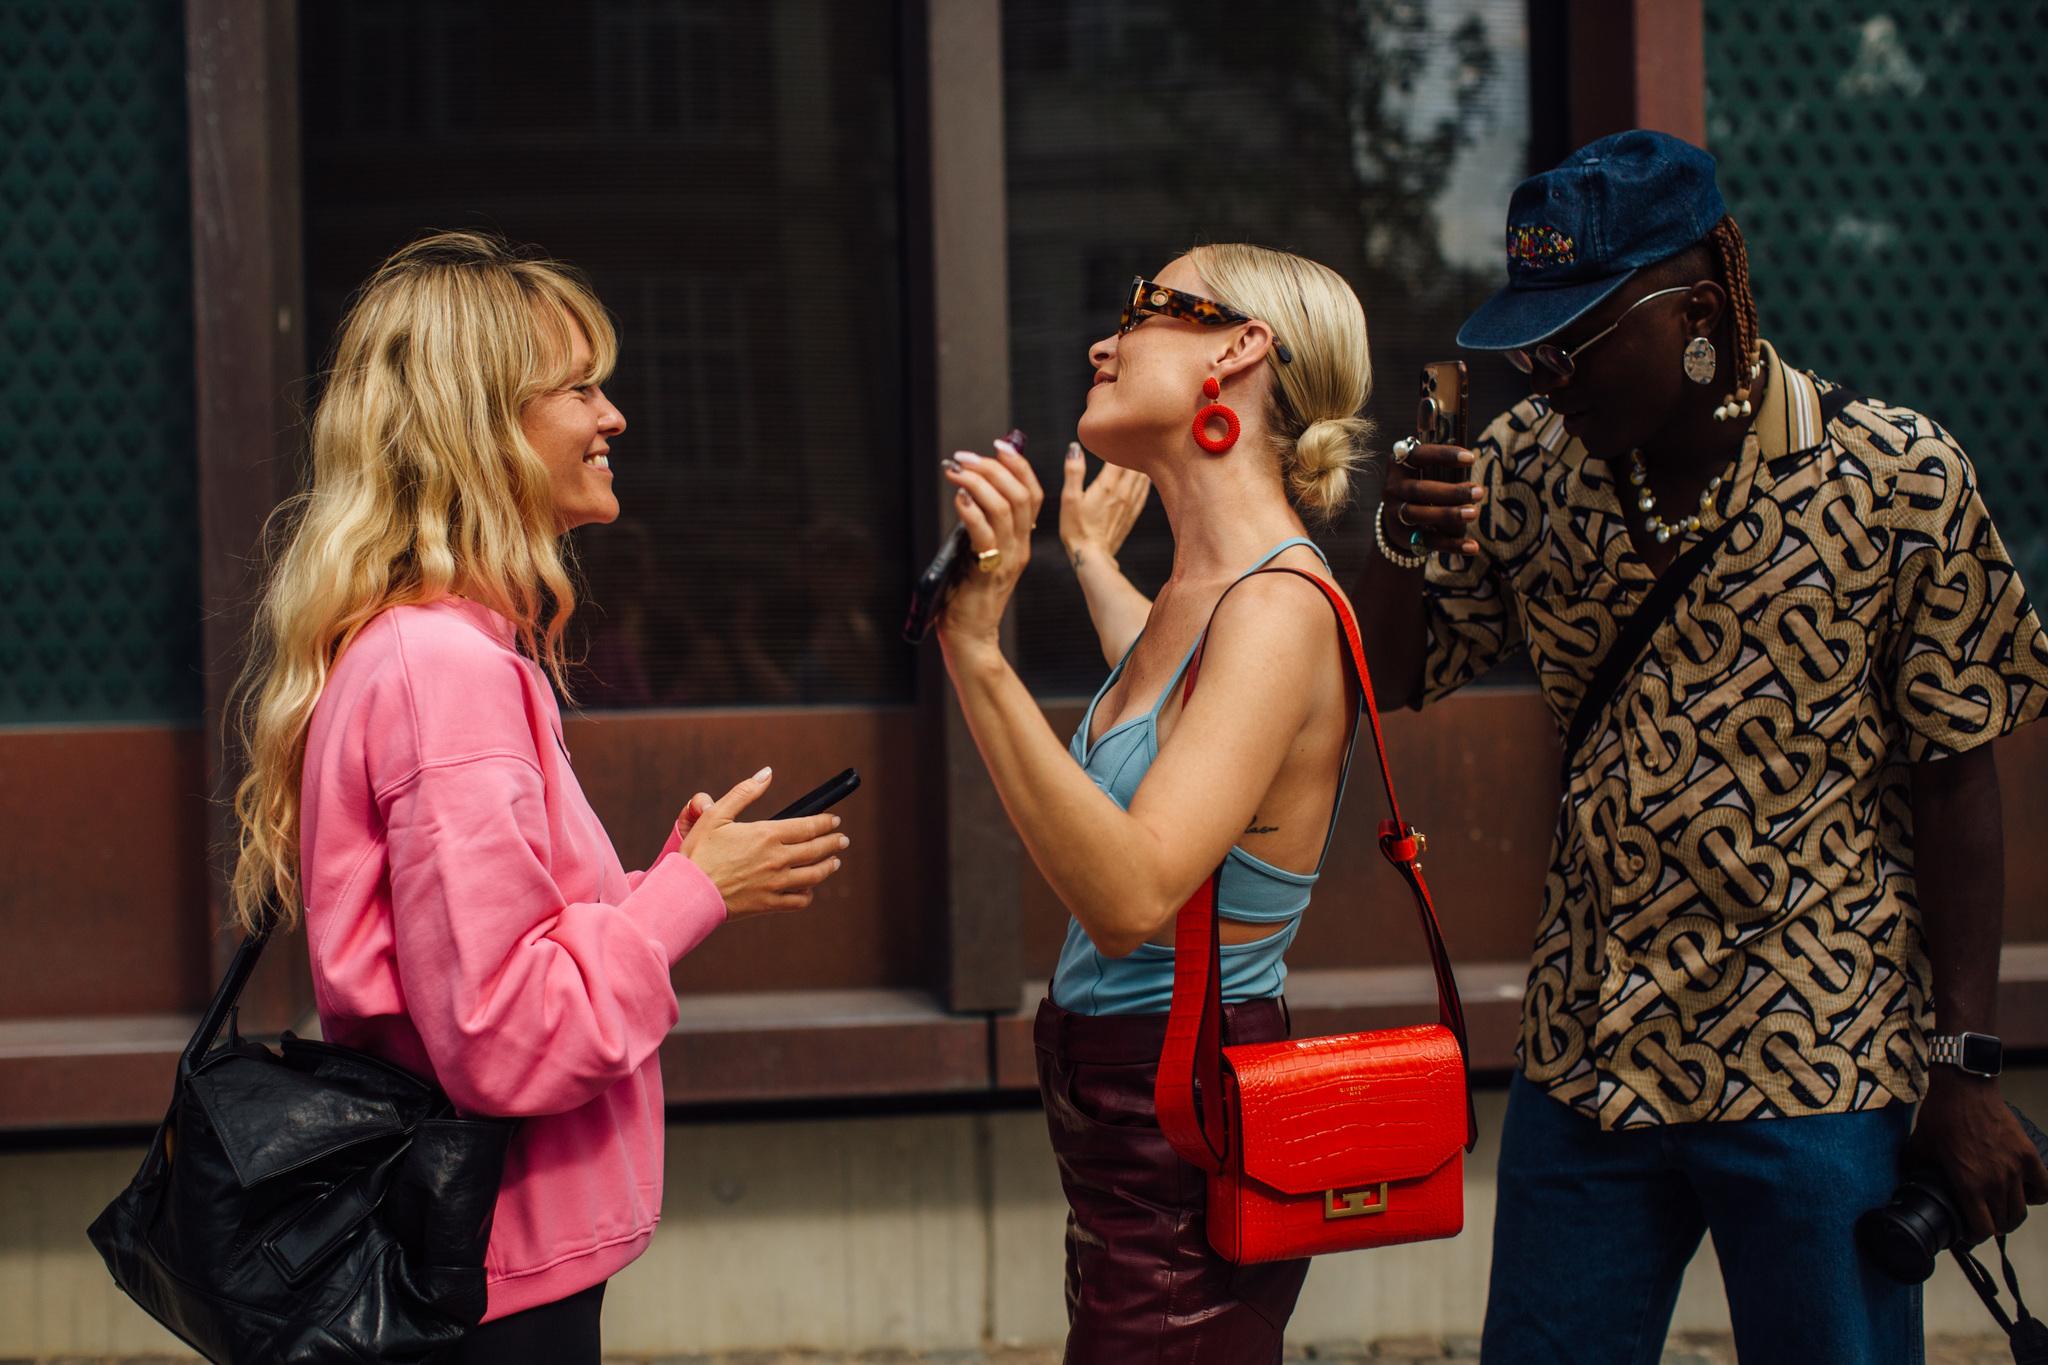 Thora Valdimars con el moño bajo de Kate Moss en versión más pulida pero igualmente espectacular en el street style de Copenhague junto a Jeanette Madsen.